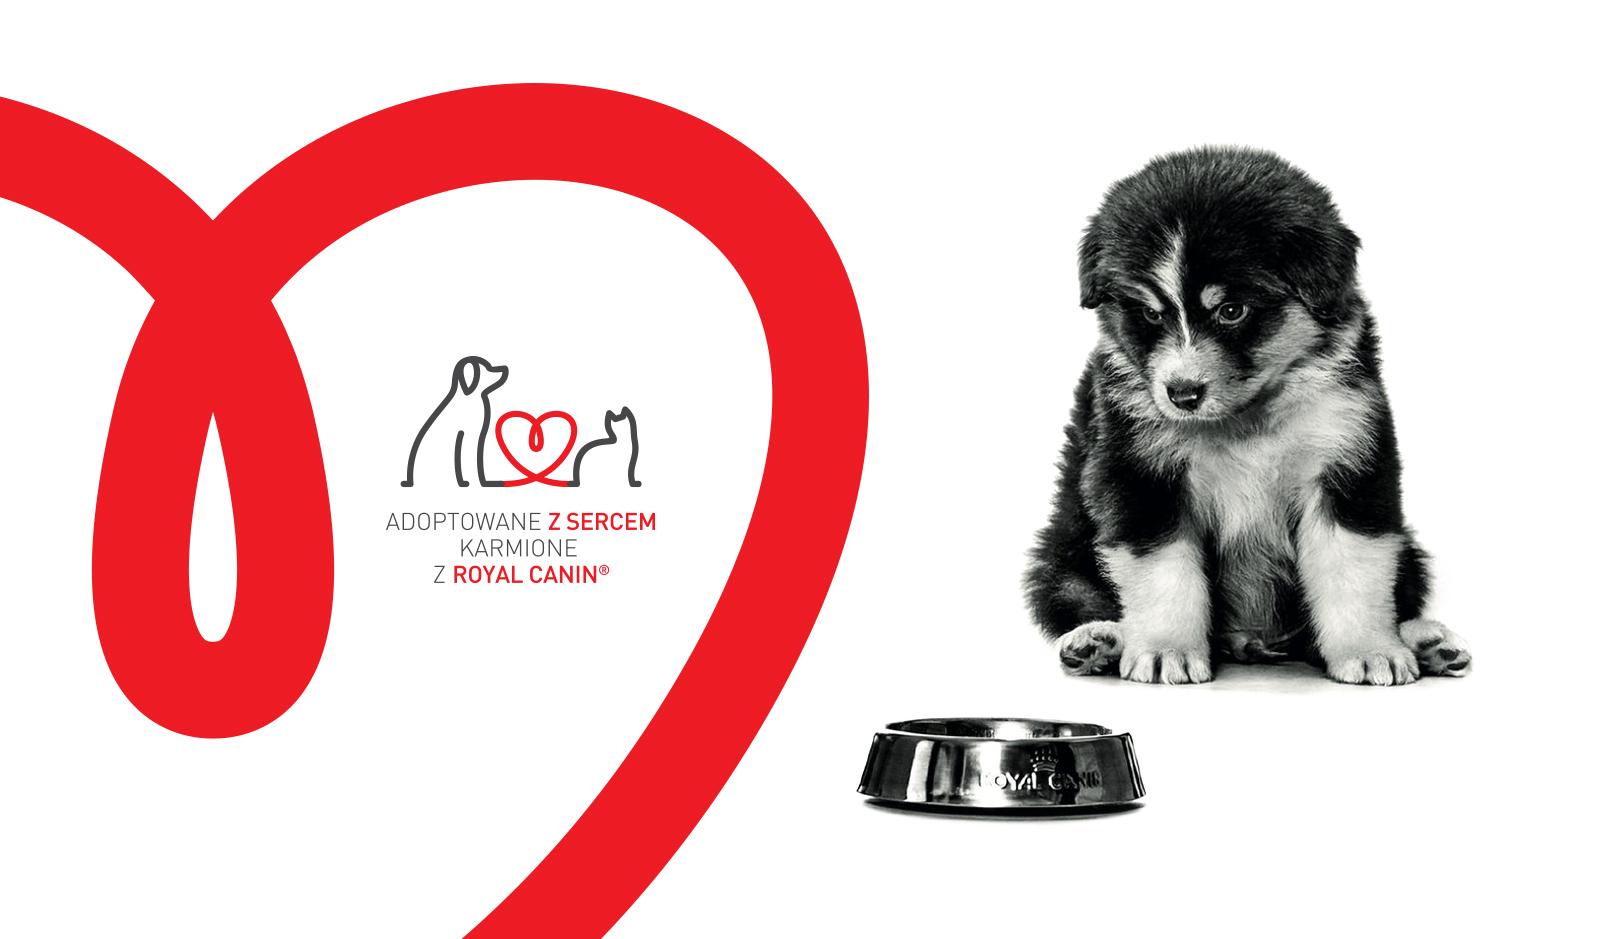 Adoptowane z sercem, karmione z Royal Canin®